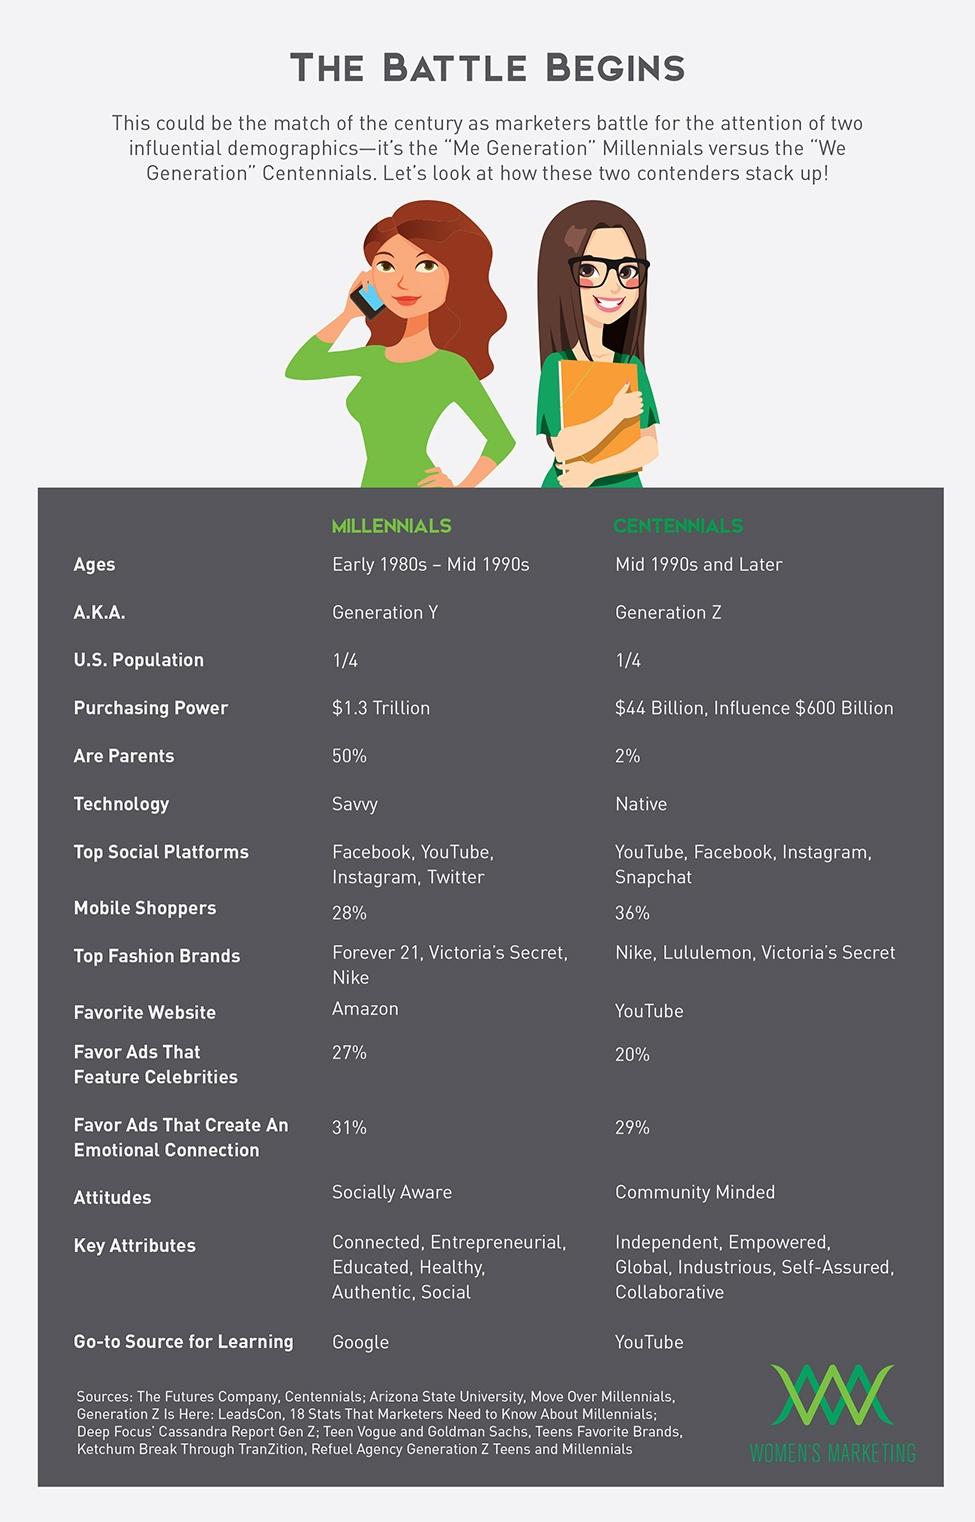 MillennialsvsCentennials_Infographic.jpg